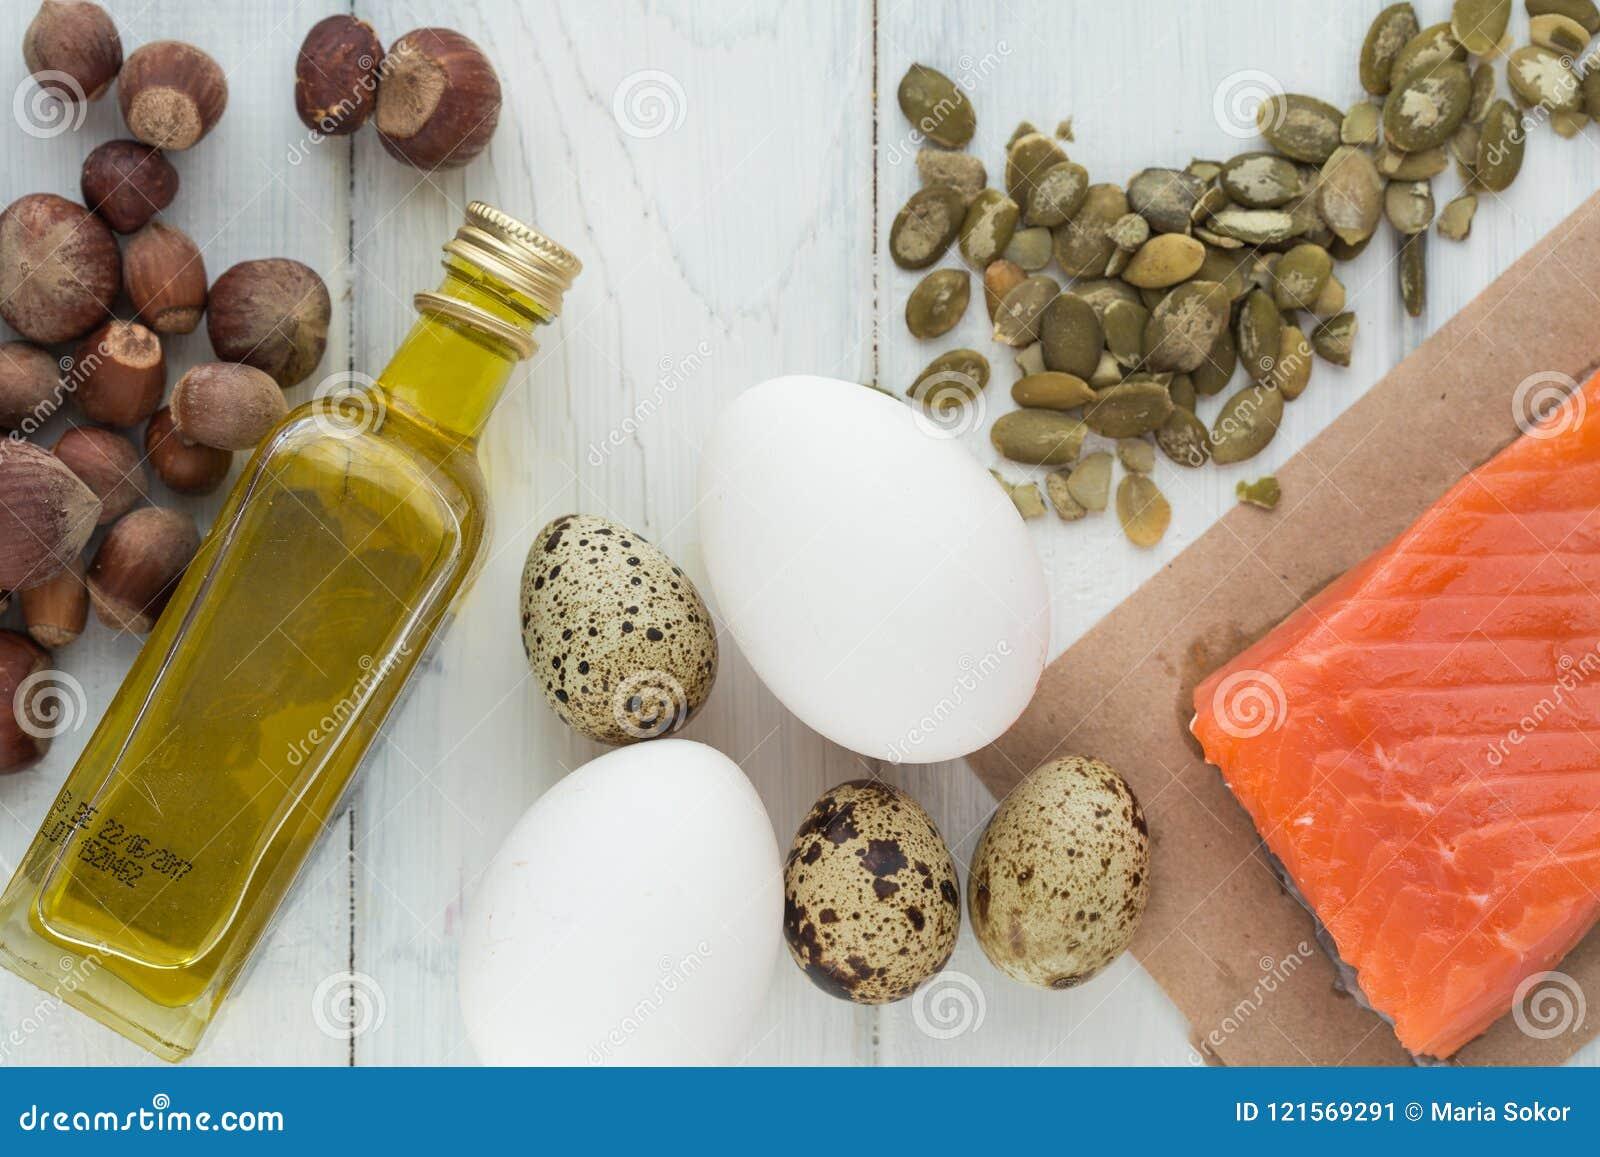 υγιής οργανικός τροφίμων Προϊόντα με τα υγιή λίπη Omega 3 Omega 6 Συστατικά και προϊόντα: καρύδια αβοκάντο ελαιολάδου σολομών πεσ